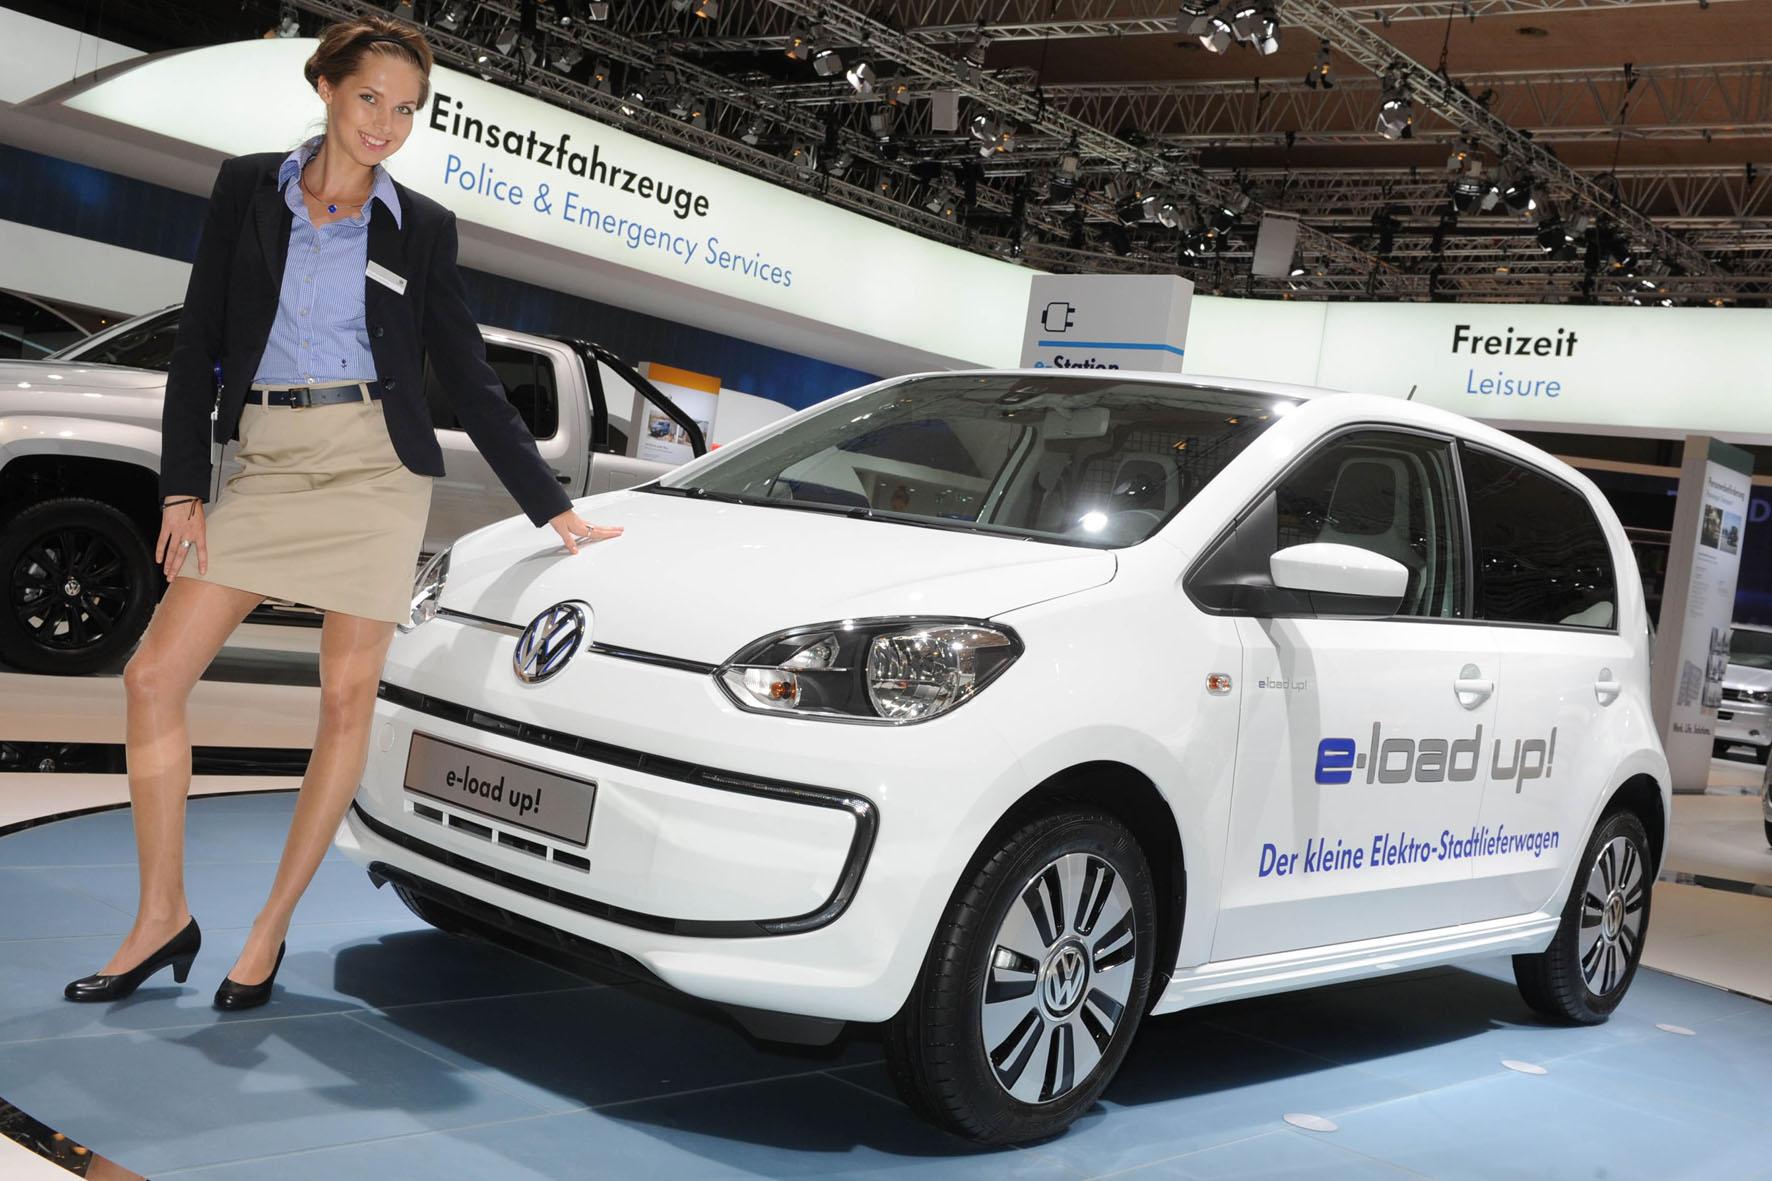 Auf der IAA 2014 präsentiert Hostess den VW e-load up